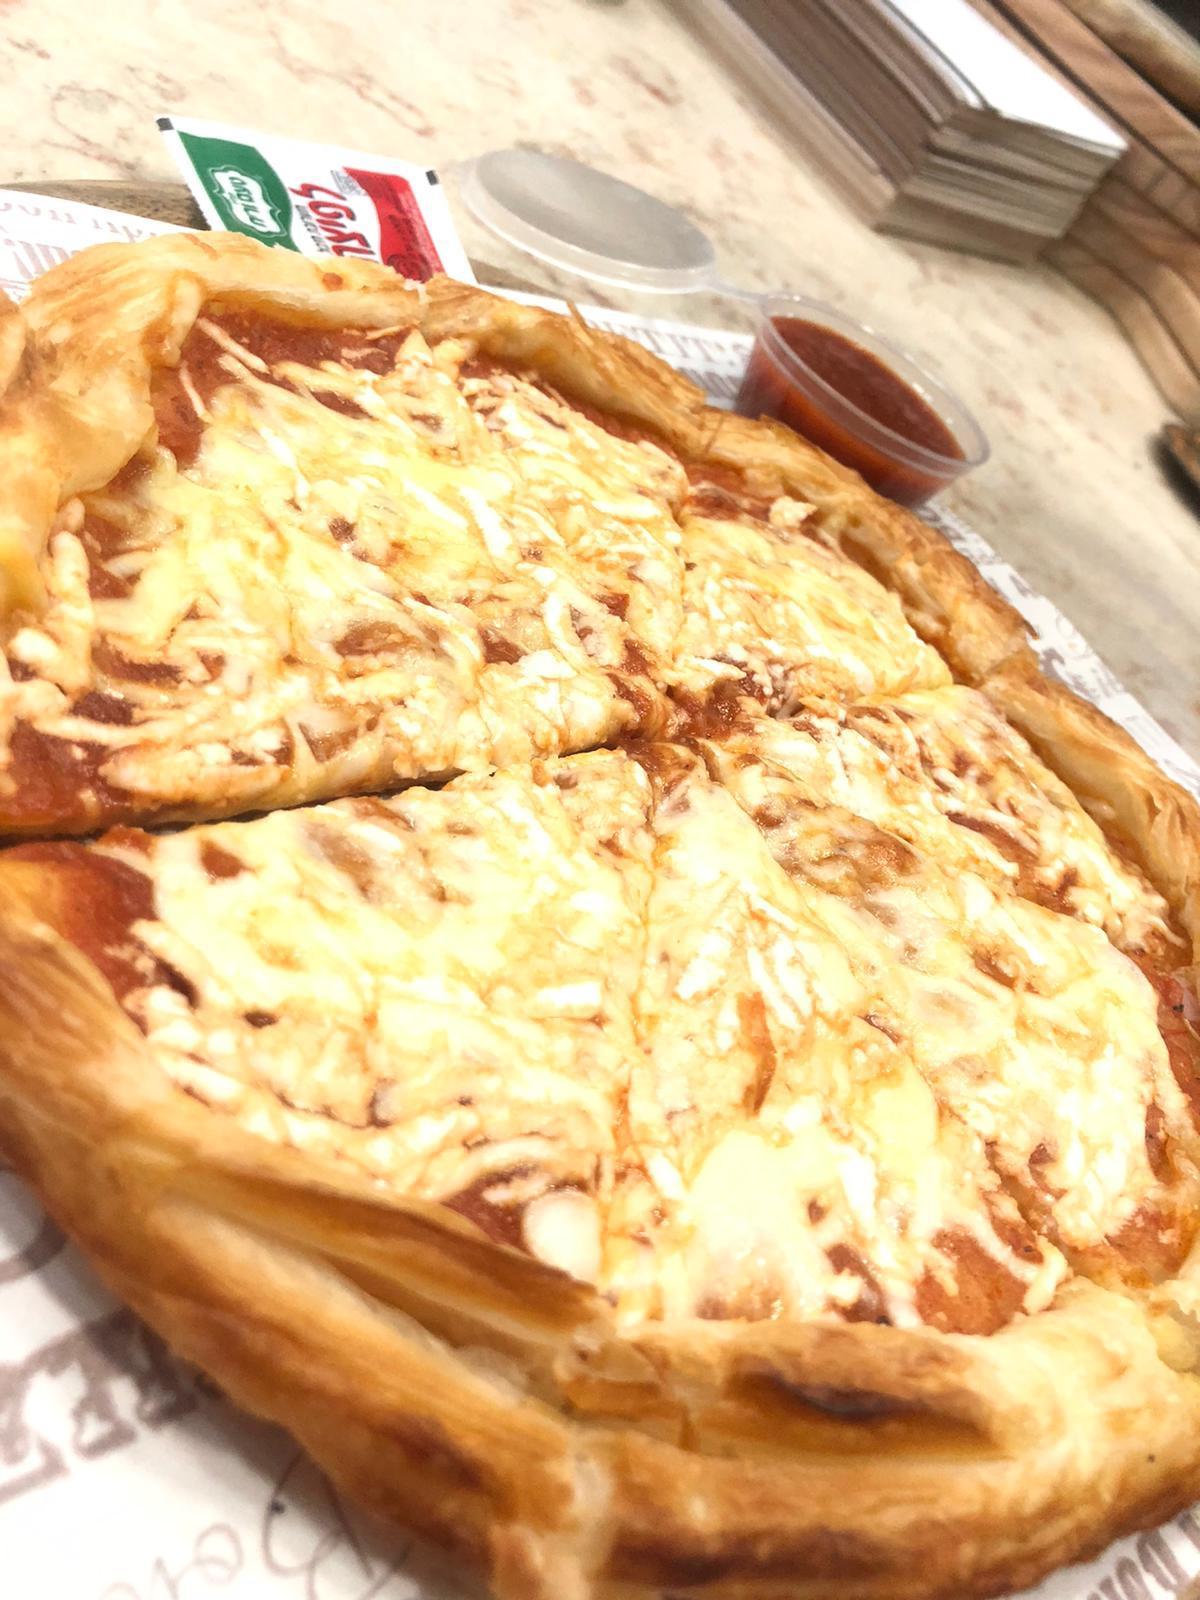 يوم البيتزا العالمي - تناولوا أشهى أنواع البيتزا فقط لدى بيتزا كالميرو